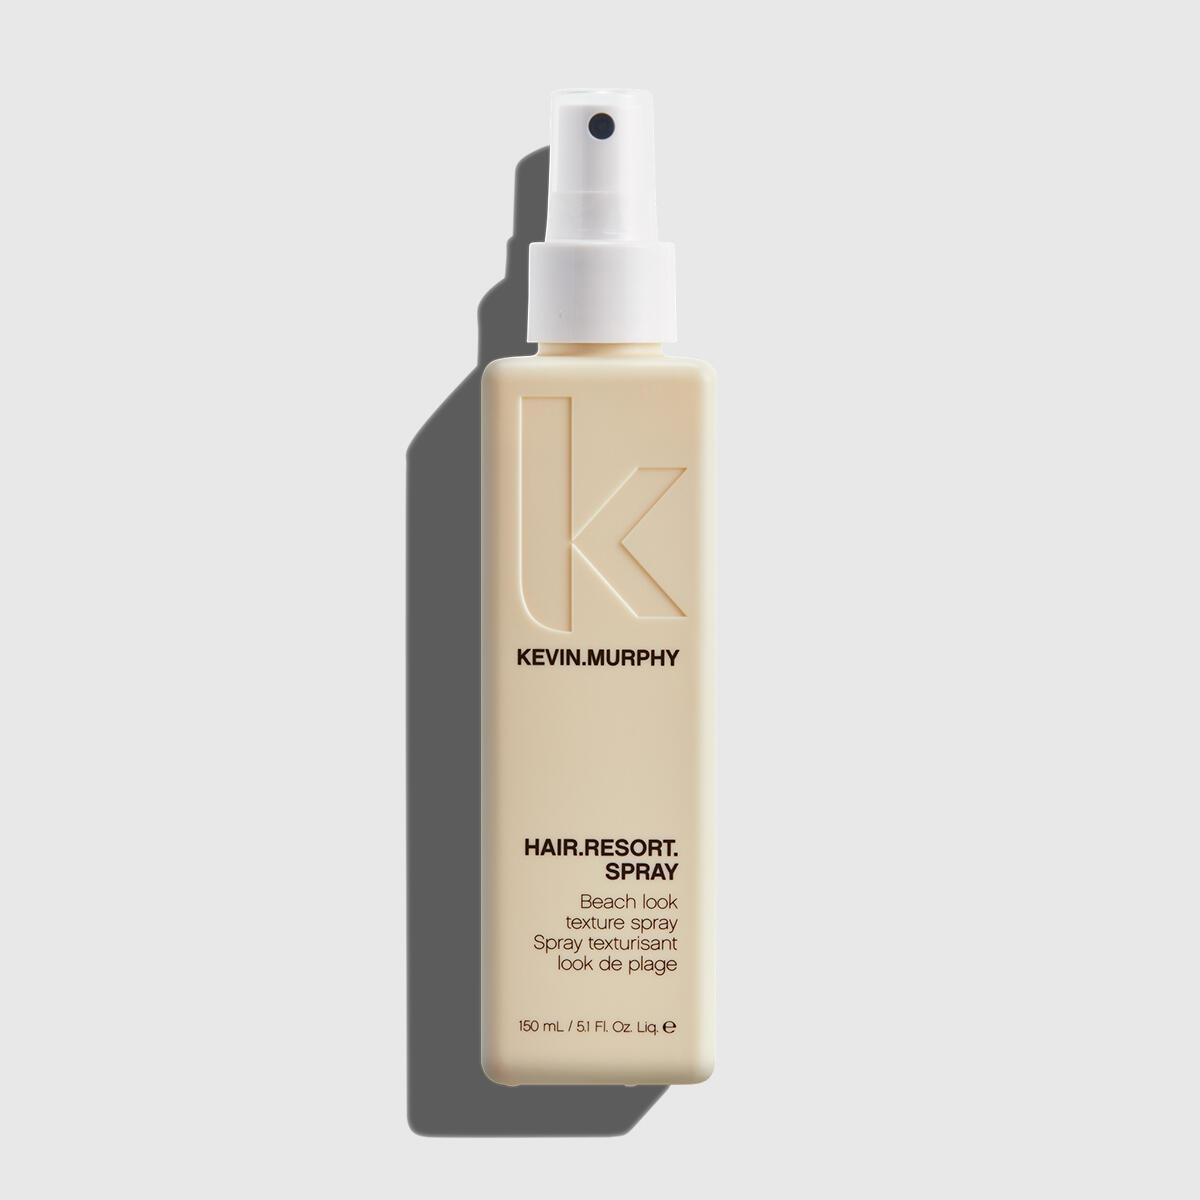 Kevin Murphy Hair Resort Spray null